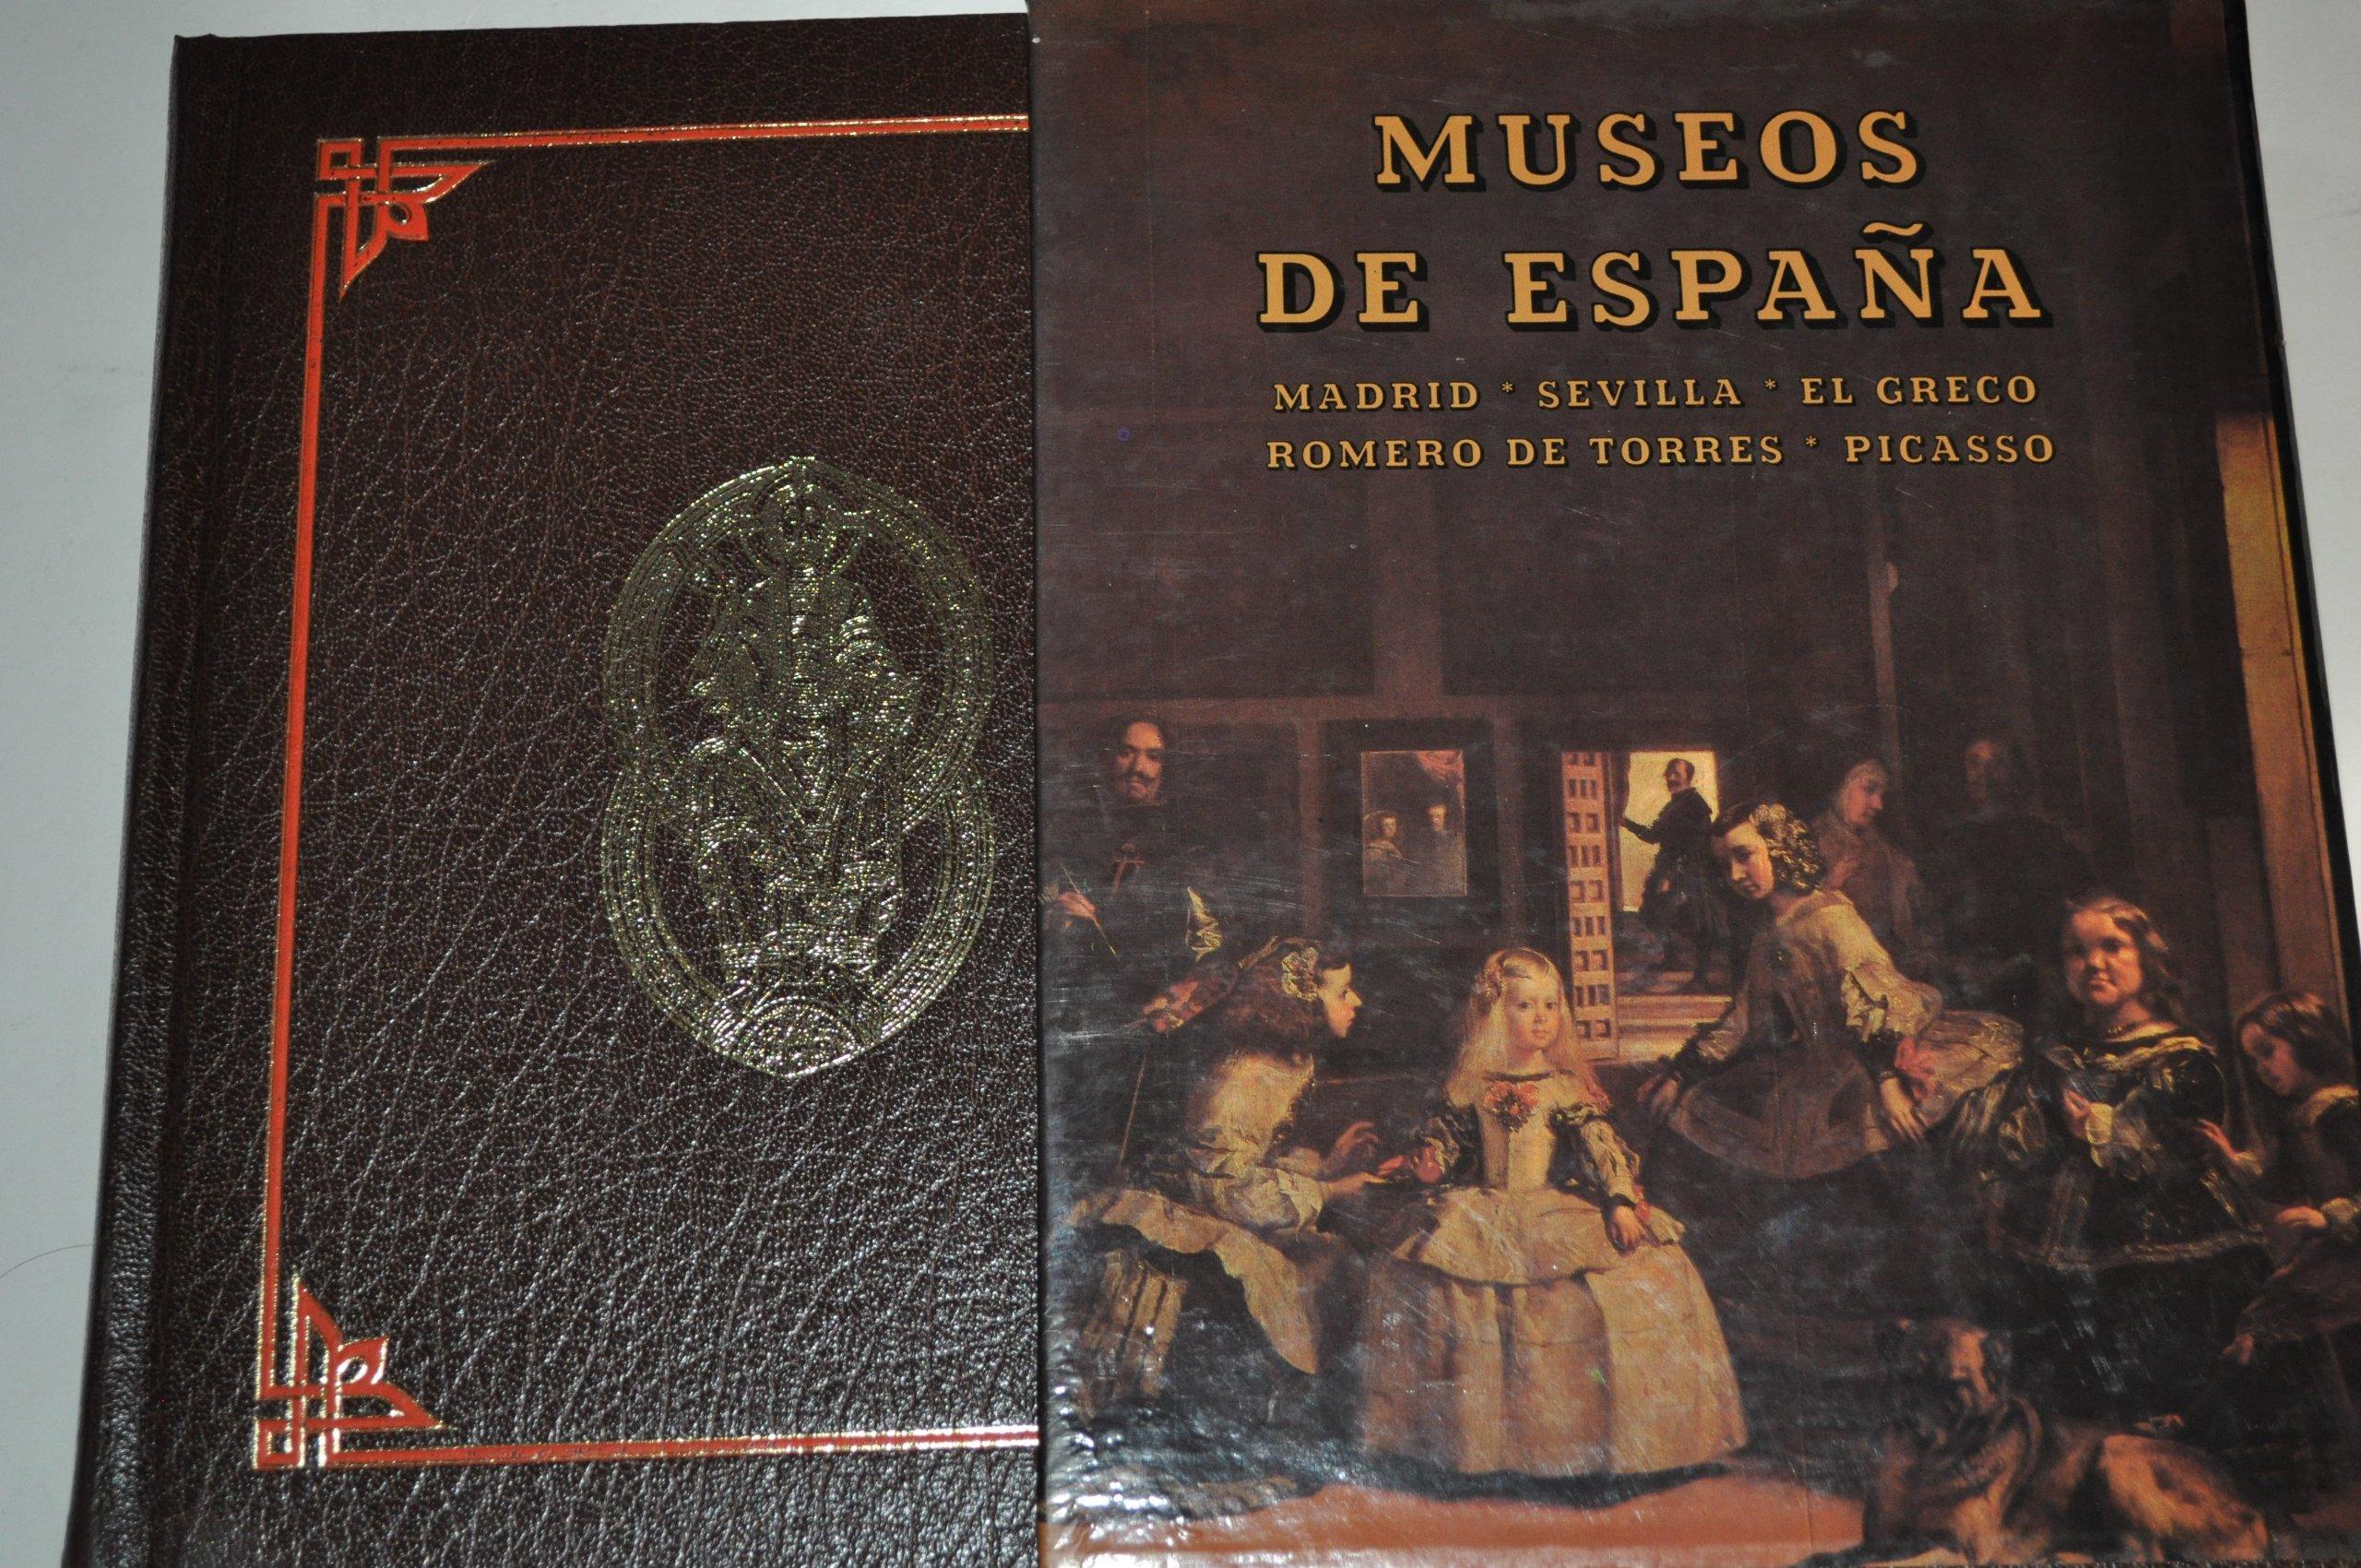 Museos de España II: Madrid, Sevilla, El Greco, Romero de Torres y Picasso: Amazon.es: Álvarez Lopera, José: Libros